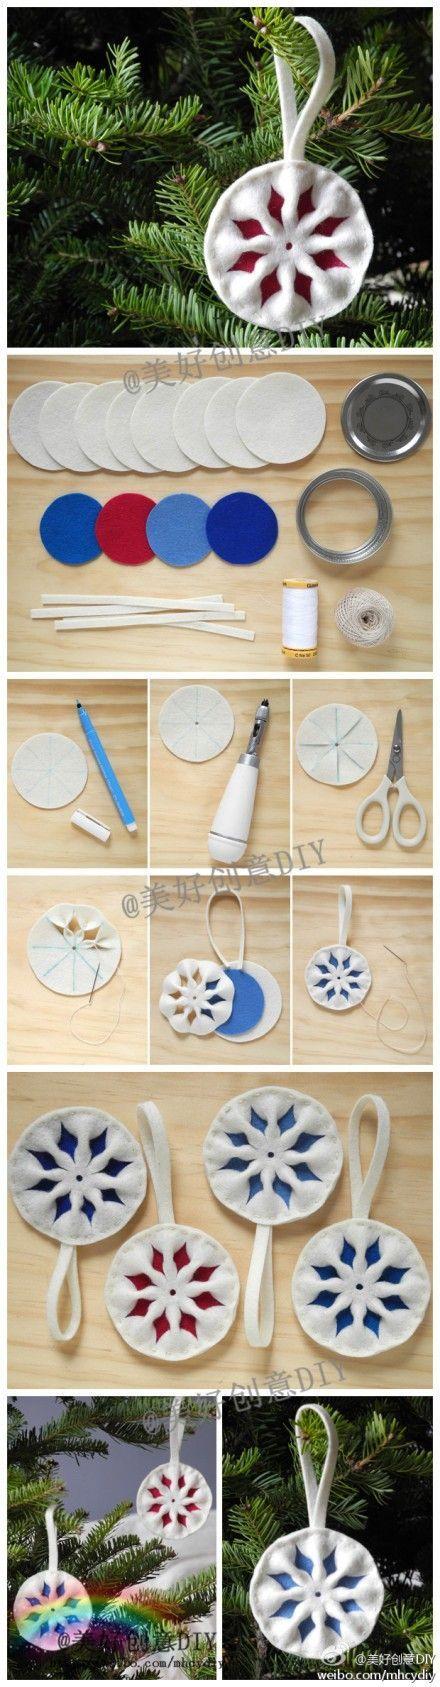 Елочные игрушки из фетра своими руками: выкройки, схемы, шаблоны, мастер классы